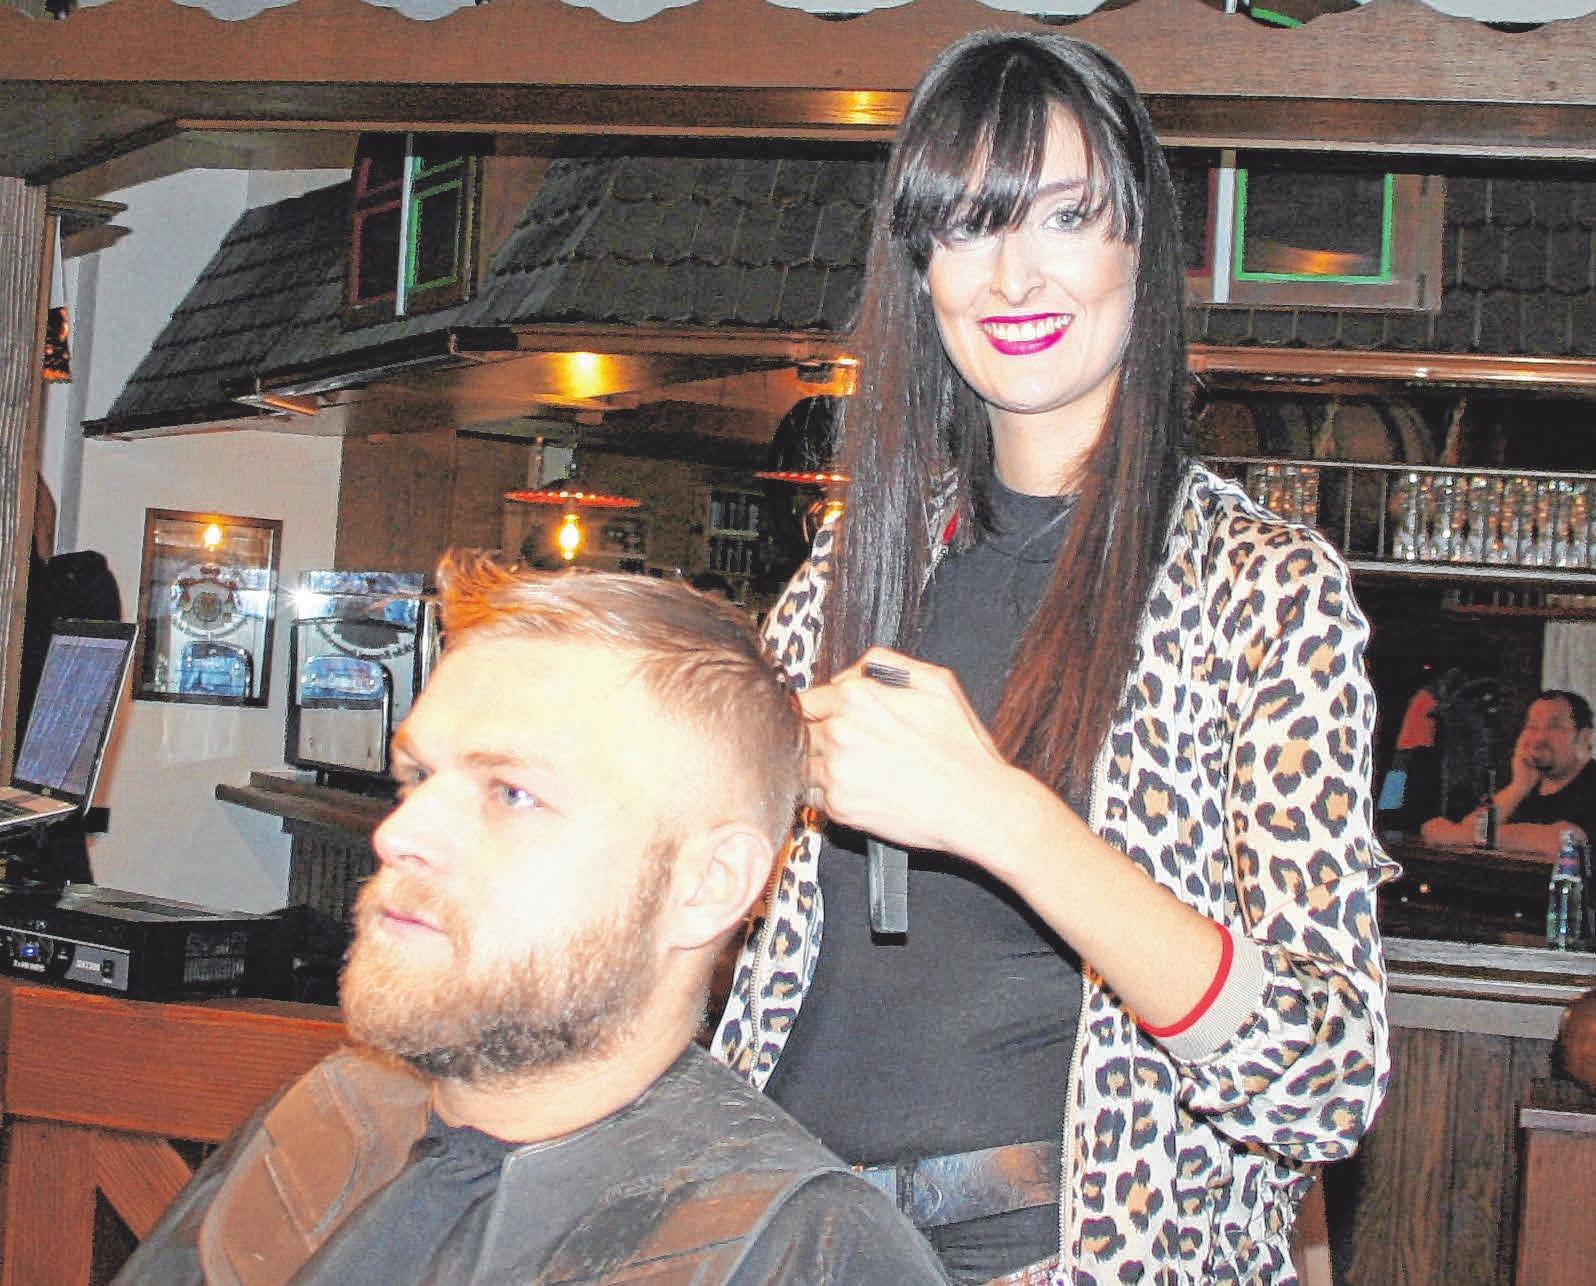 Fachgebiete der Inhaberin Patrizia Maczek sind Herrenhaarschnitte und Old School Barbering. FOTOS: FIL